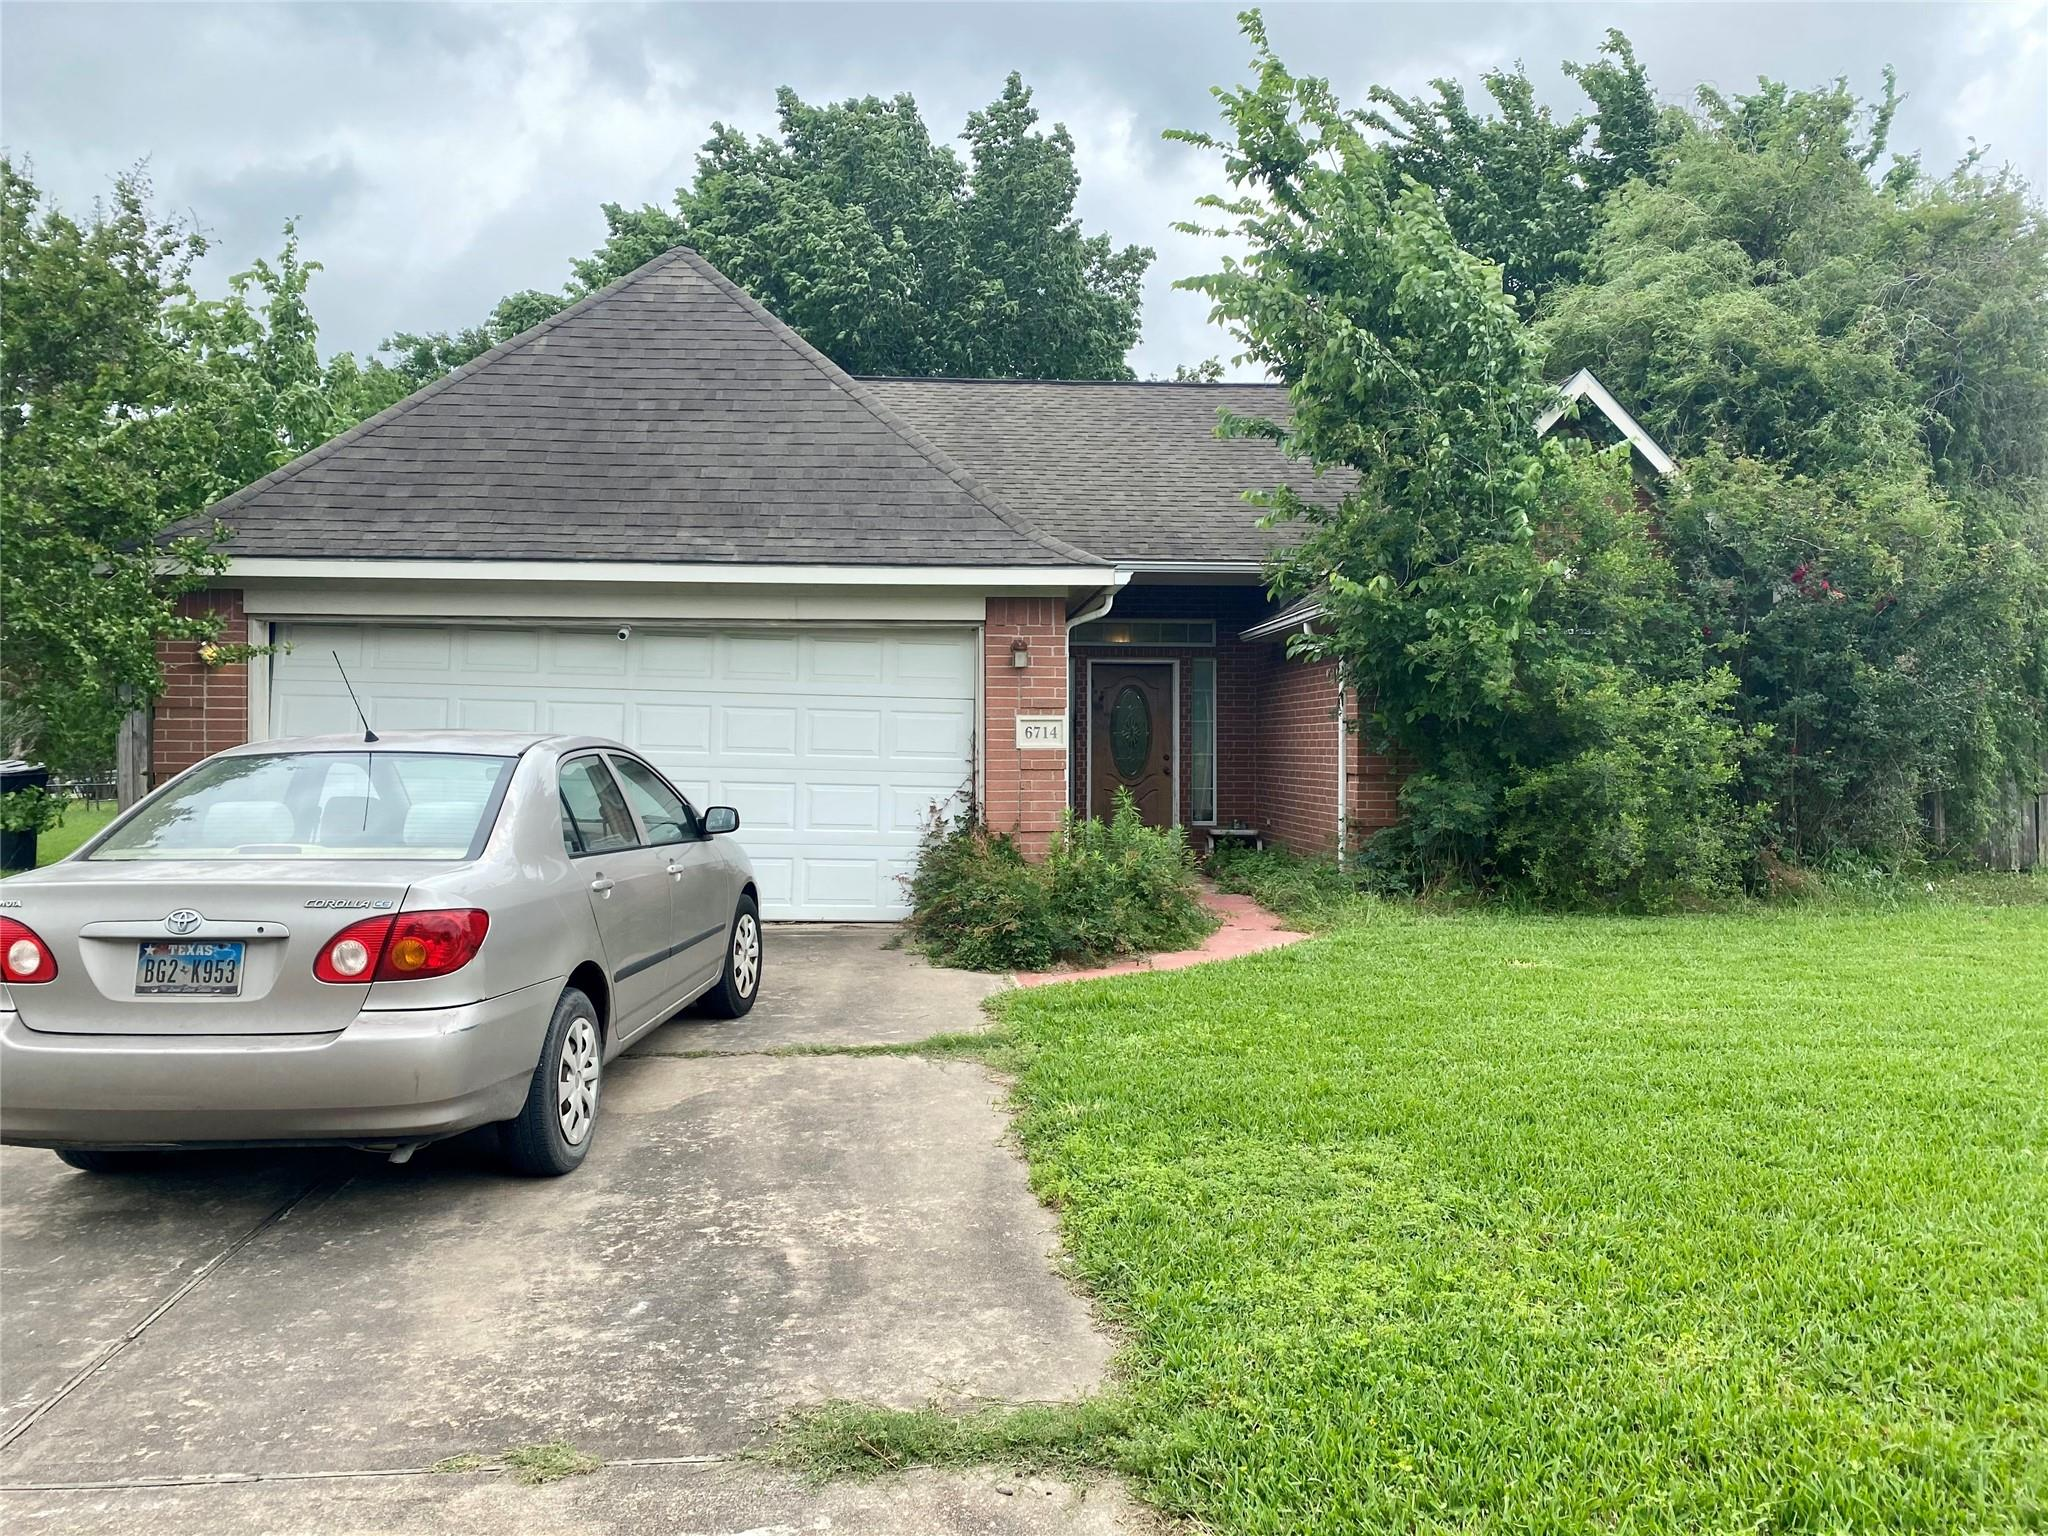 6714 Whitton Drive Property Photo